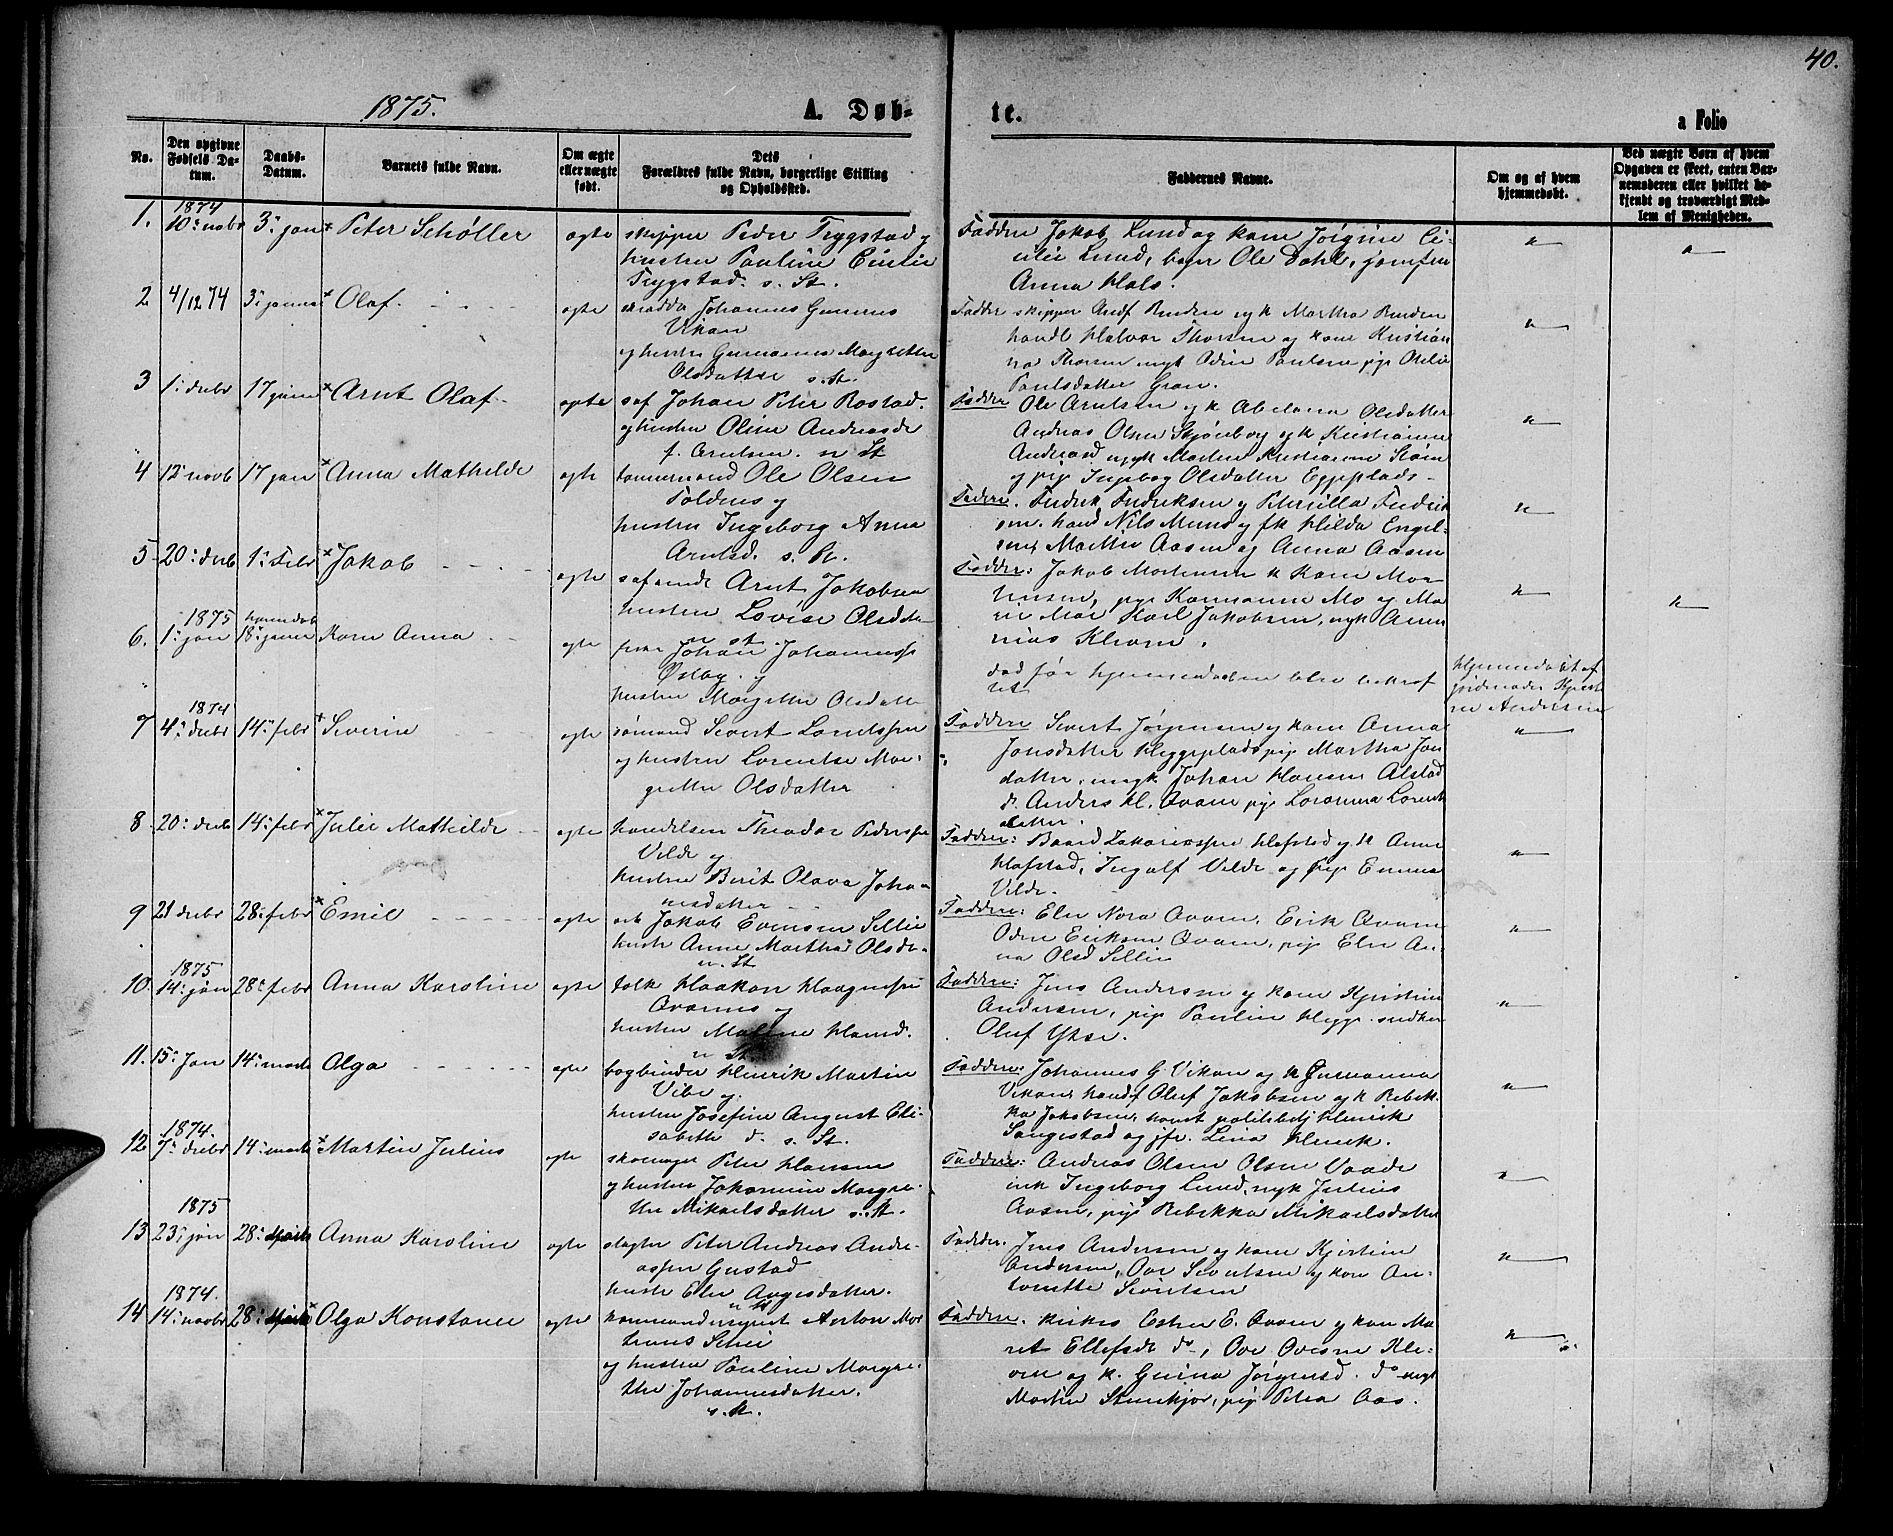 SAT, Ministerialprotokoller, klokkerbøker og fødselsregistre - Nord-Trøndelag, 739/L0373: Klokkerbok nr. 739C01, 1865-1882, s. 40